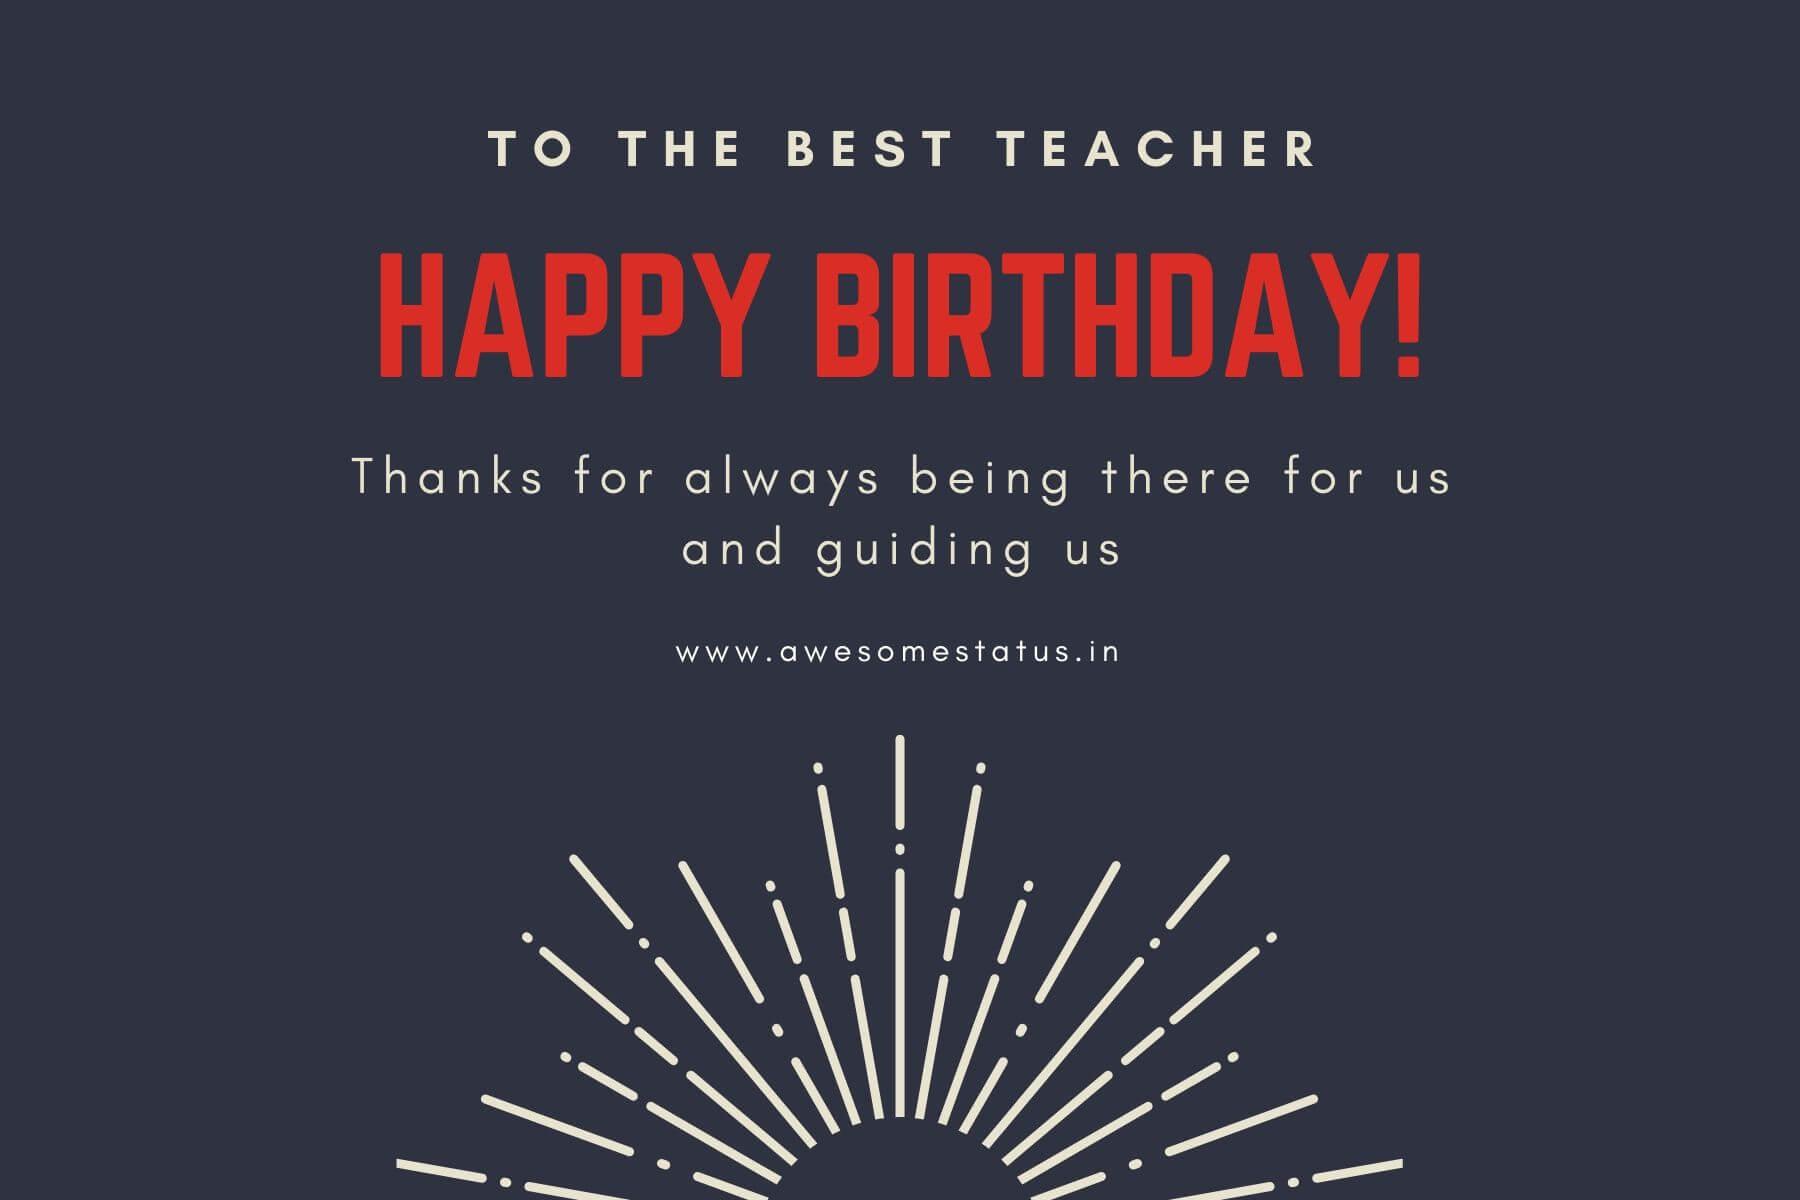 birthday greetings for teacher